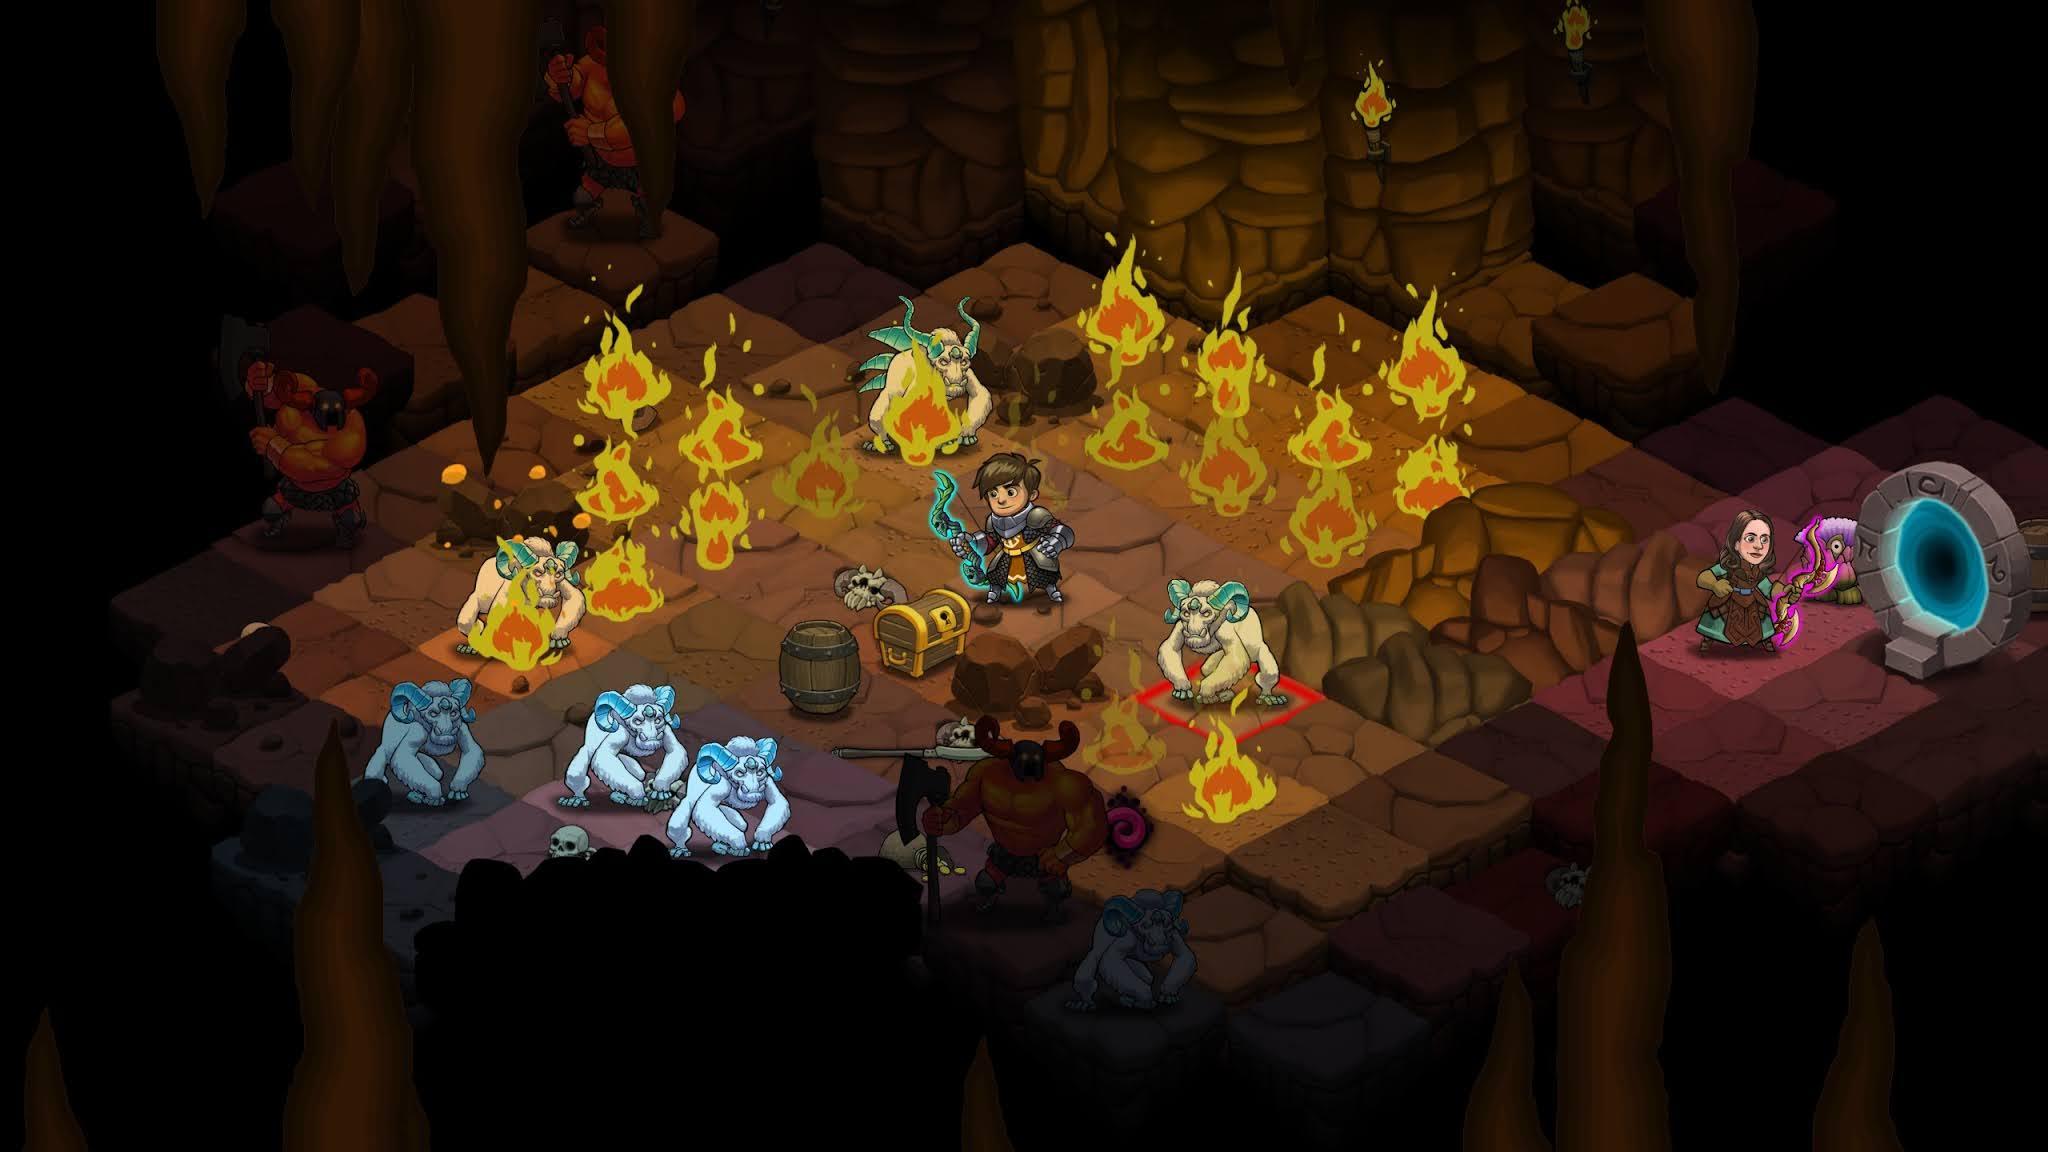 rogue-wizards-pc-screenshot-01